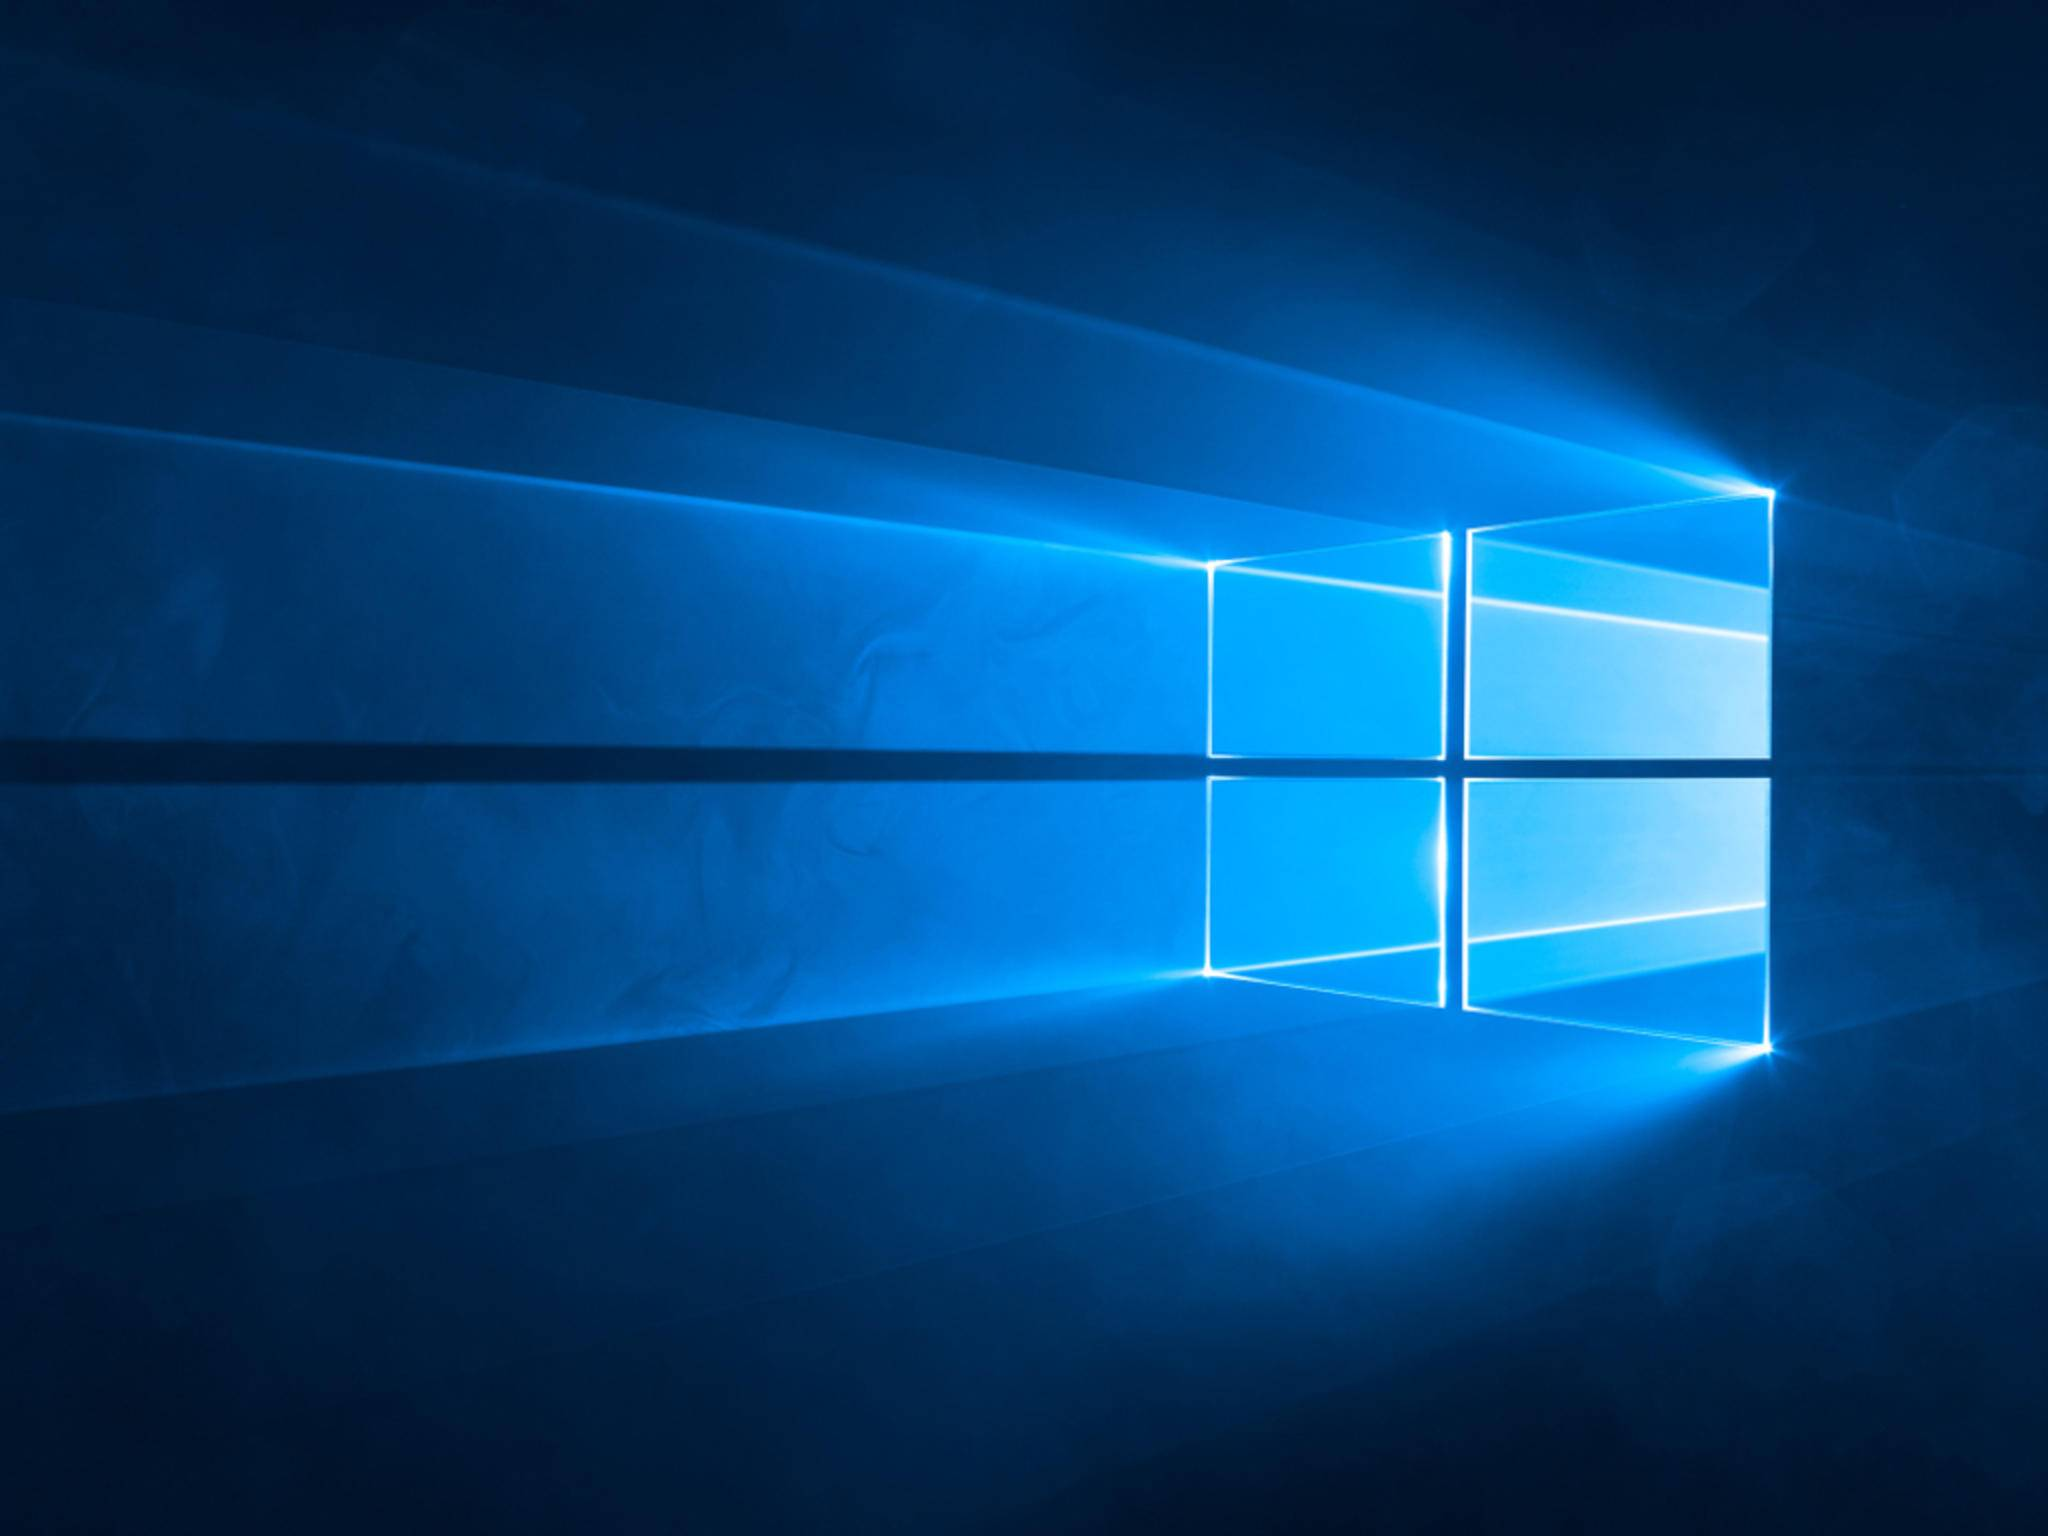 Windows 10 ist da: Ab heute kann man das neue Microsoft-Betriebssystem installieren.